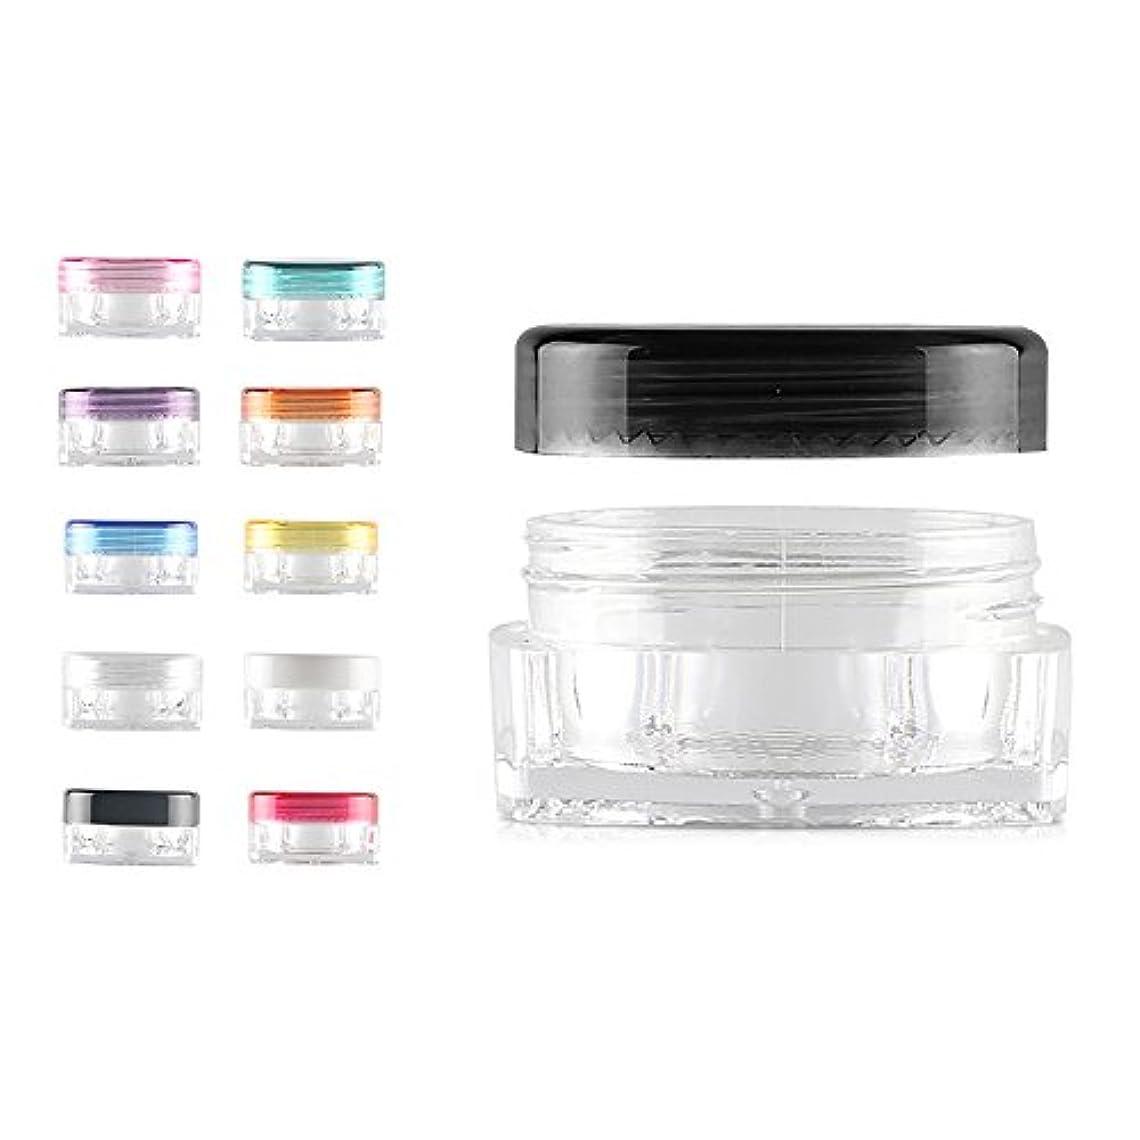 人質方程式診療所12 PCS熱望薄型デザインミニリップクリームサンプルコンテナ クリーム ネイルアート製品(3g 5g) BPAフリー用トラベル化粧品の瓶 - ブラック - 3g